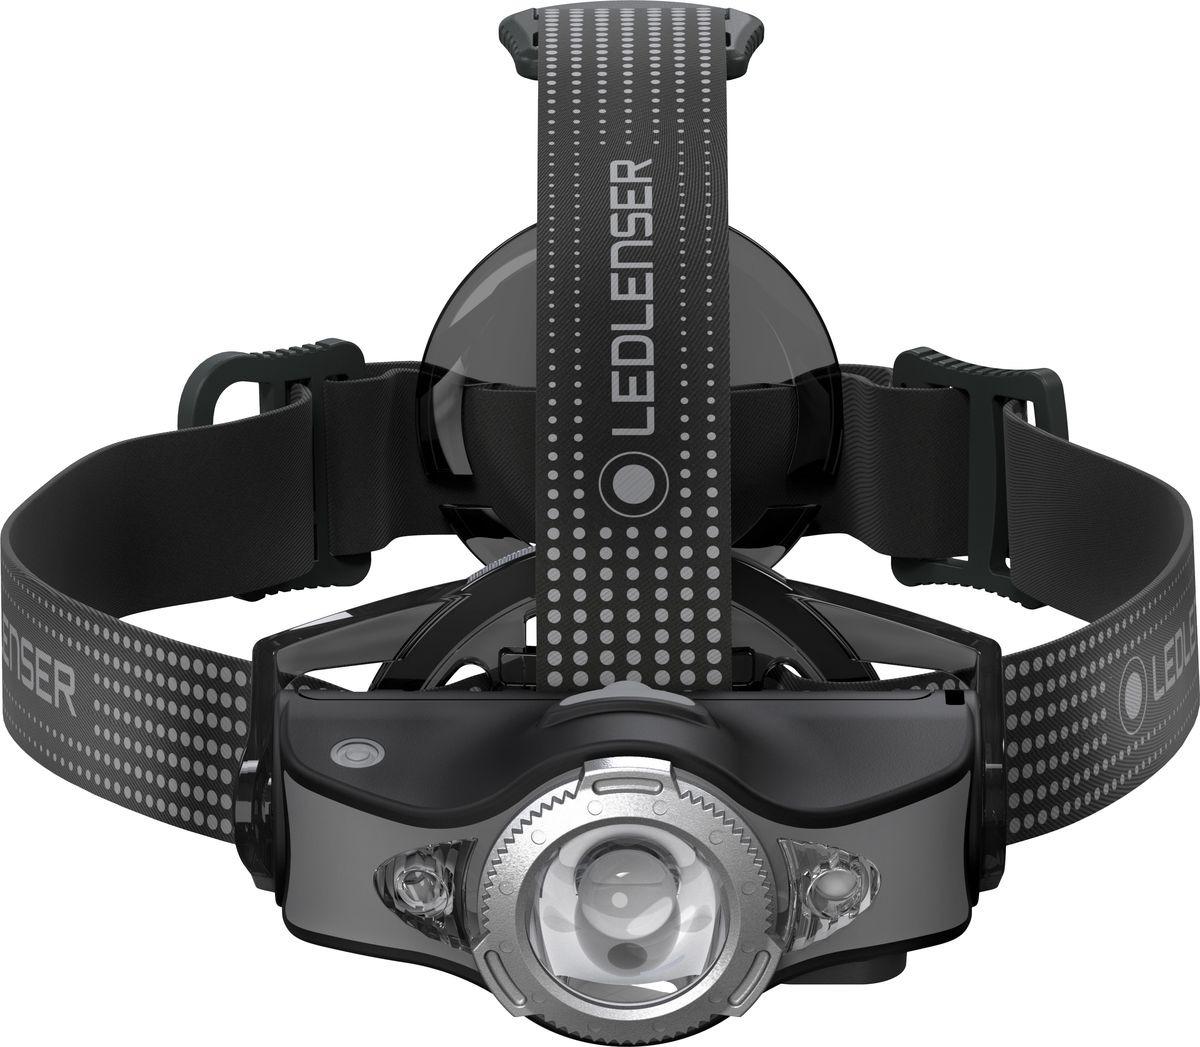 Налобный фонарь LED Lenser MH11, 500996, черный